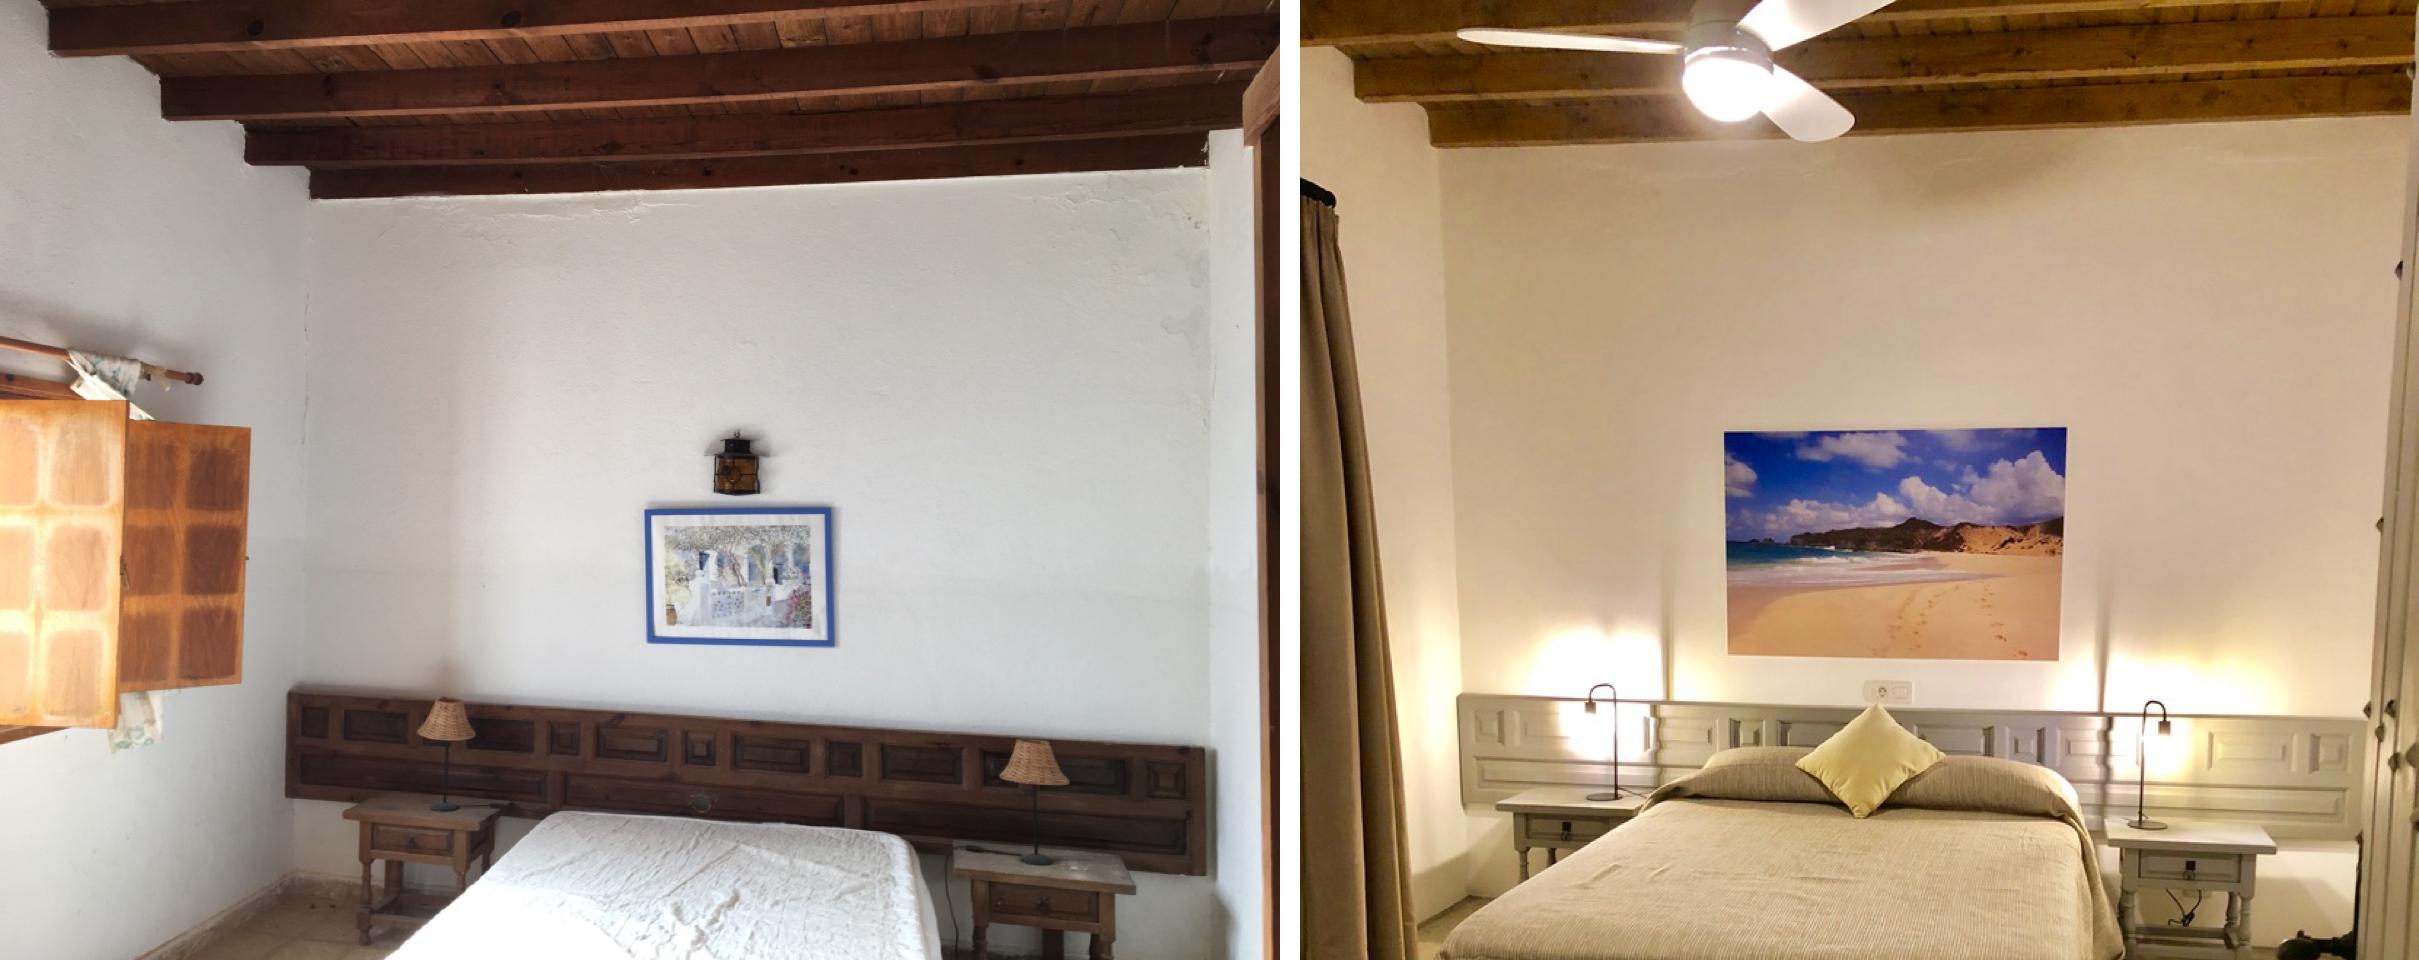 renovación, trasnformación, dormiotrio 1, villa relax, su casa en el paraiso, felicidad, La Graciosa